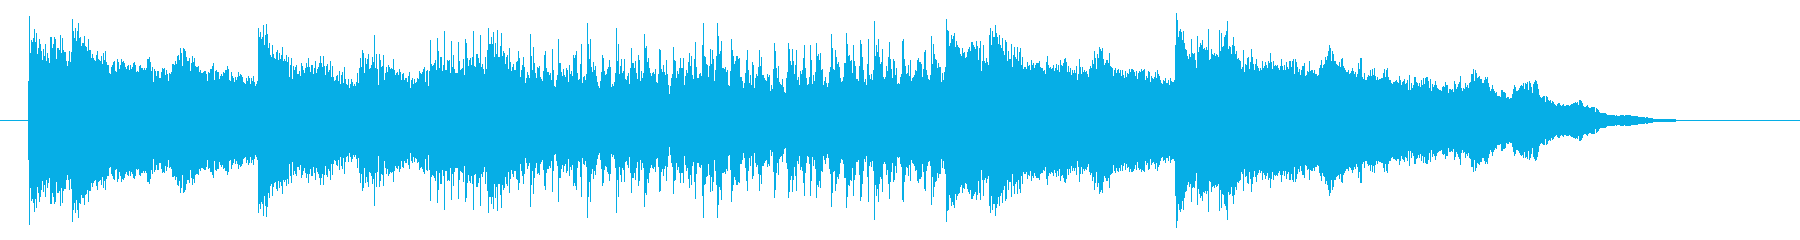 グルーブ感溢れるロックミュージックの再生済みの波形